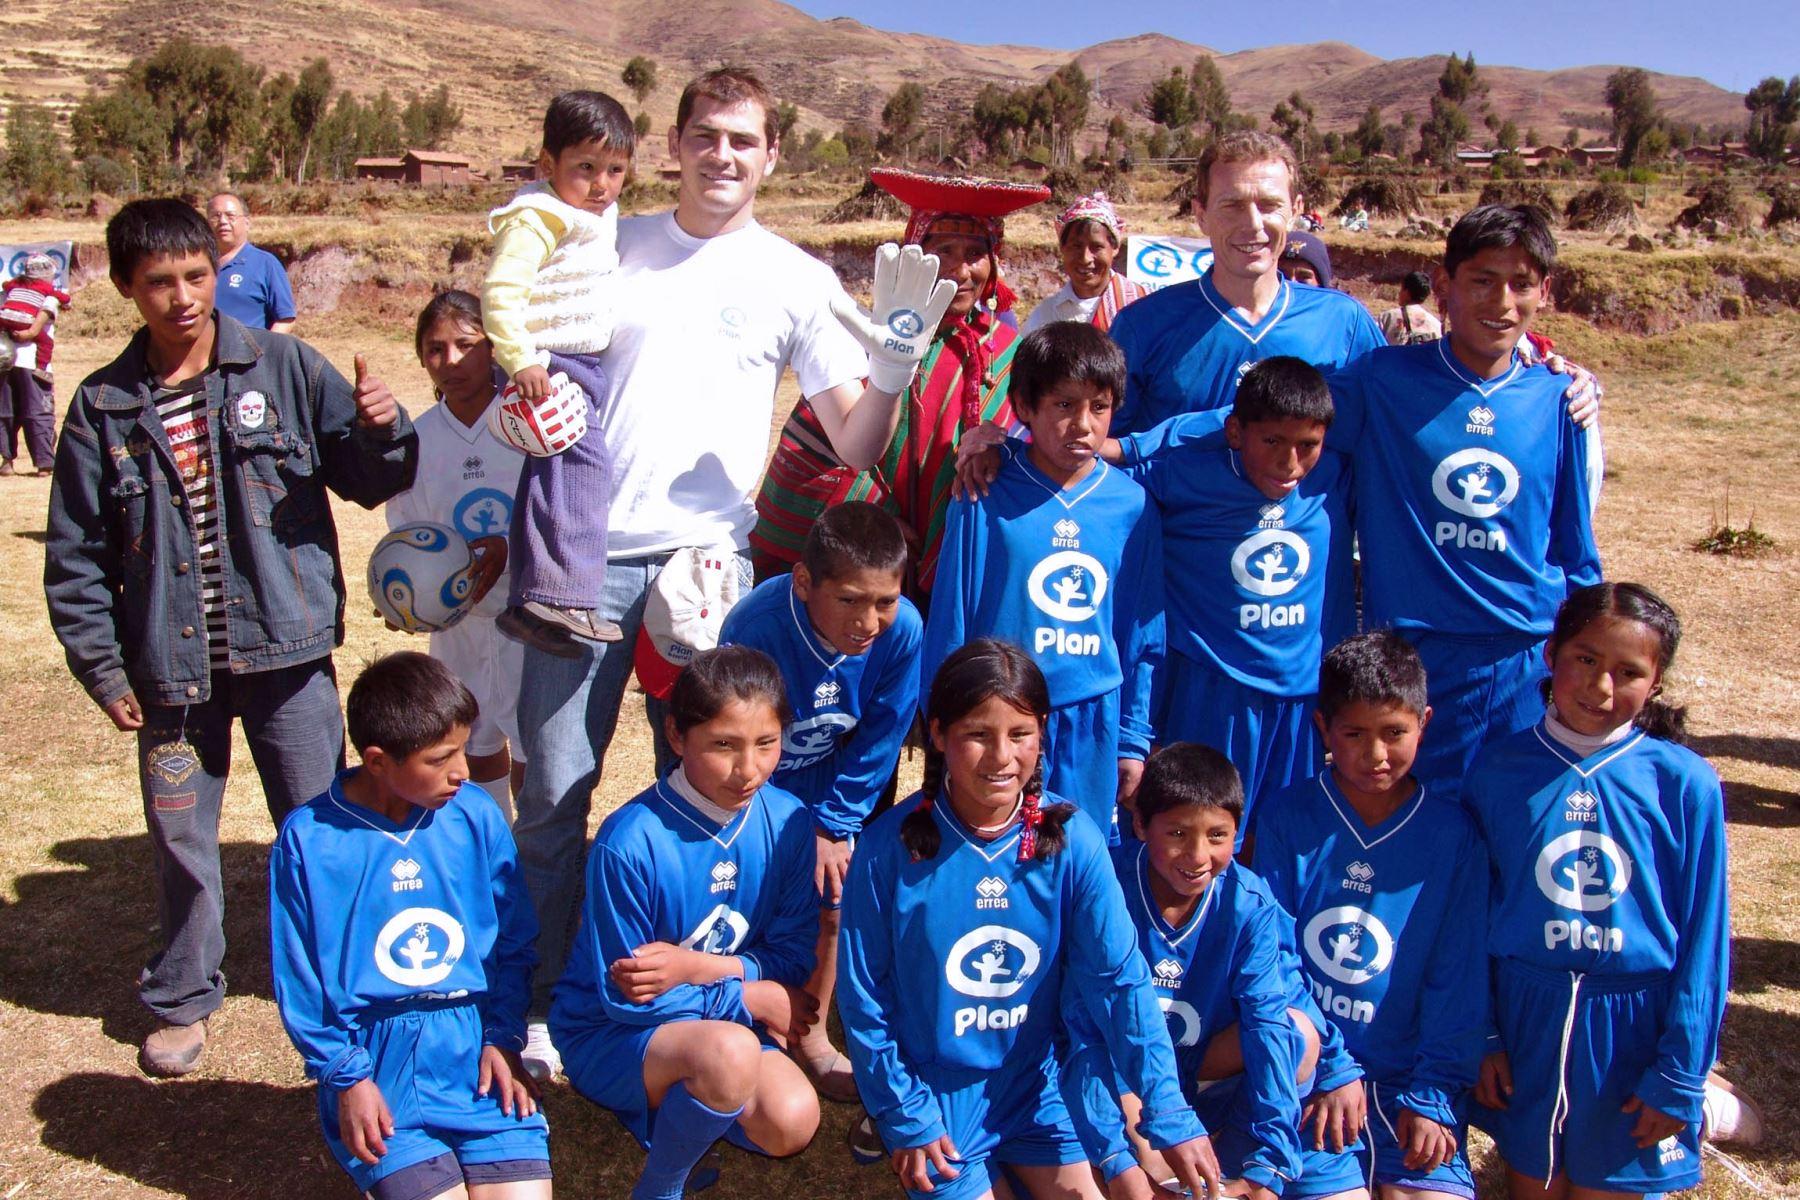 El portero Iker Casillas, en la comunidad de Patabamba, en Cusco, Perú, el 5 de julio de 2008. Foto: AFP